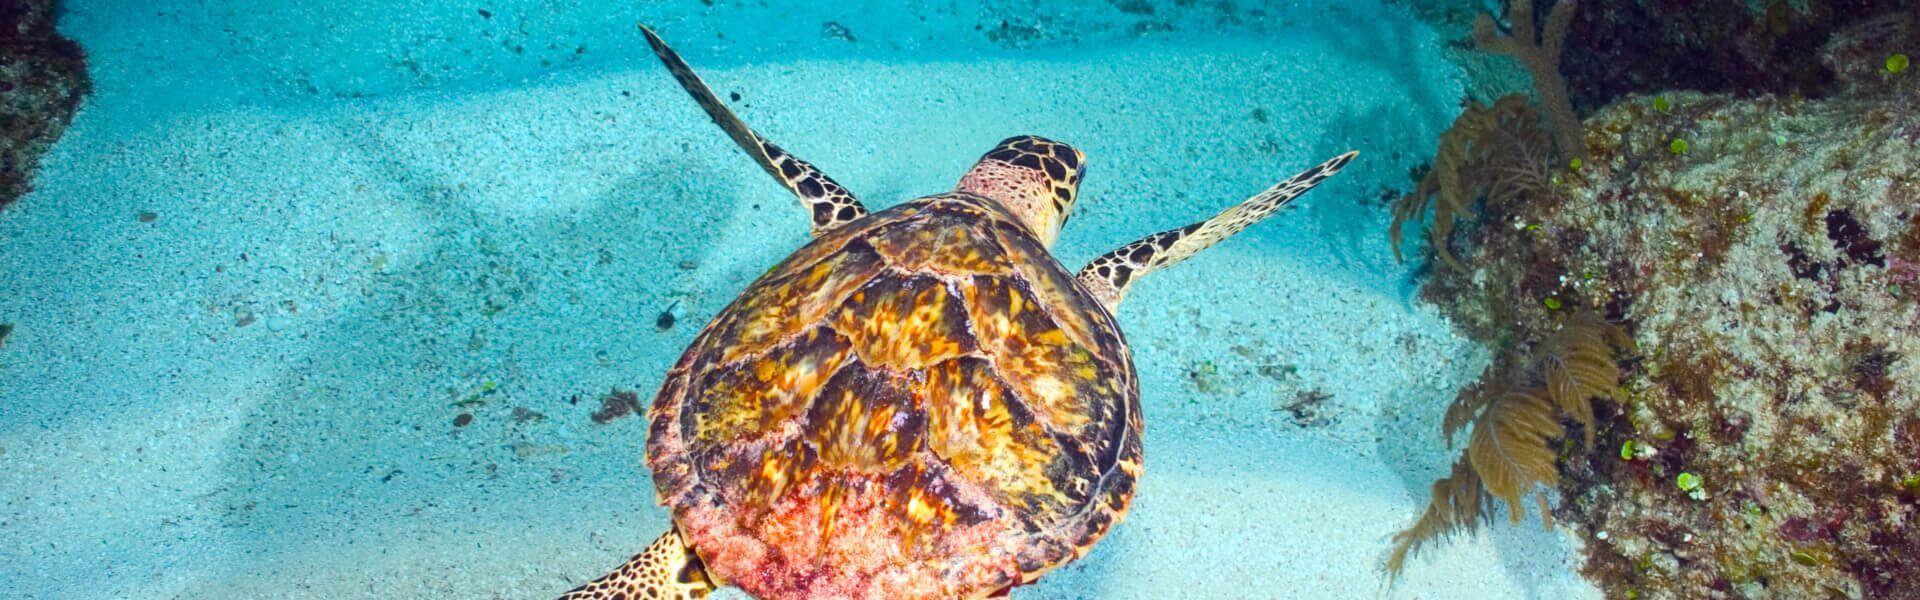 San Pedro Belize turtle